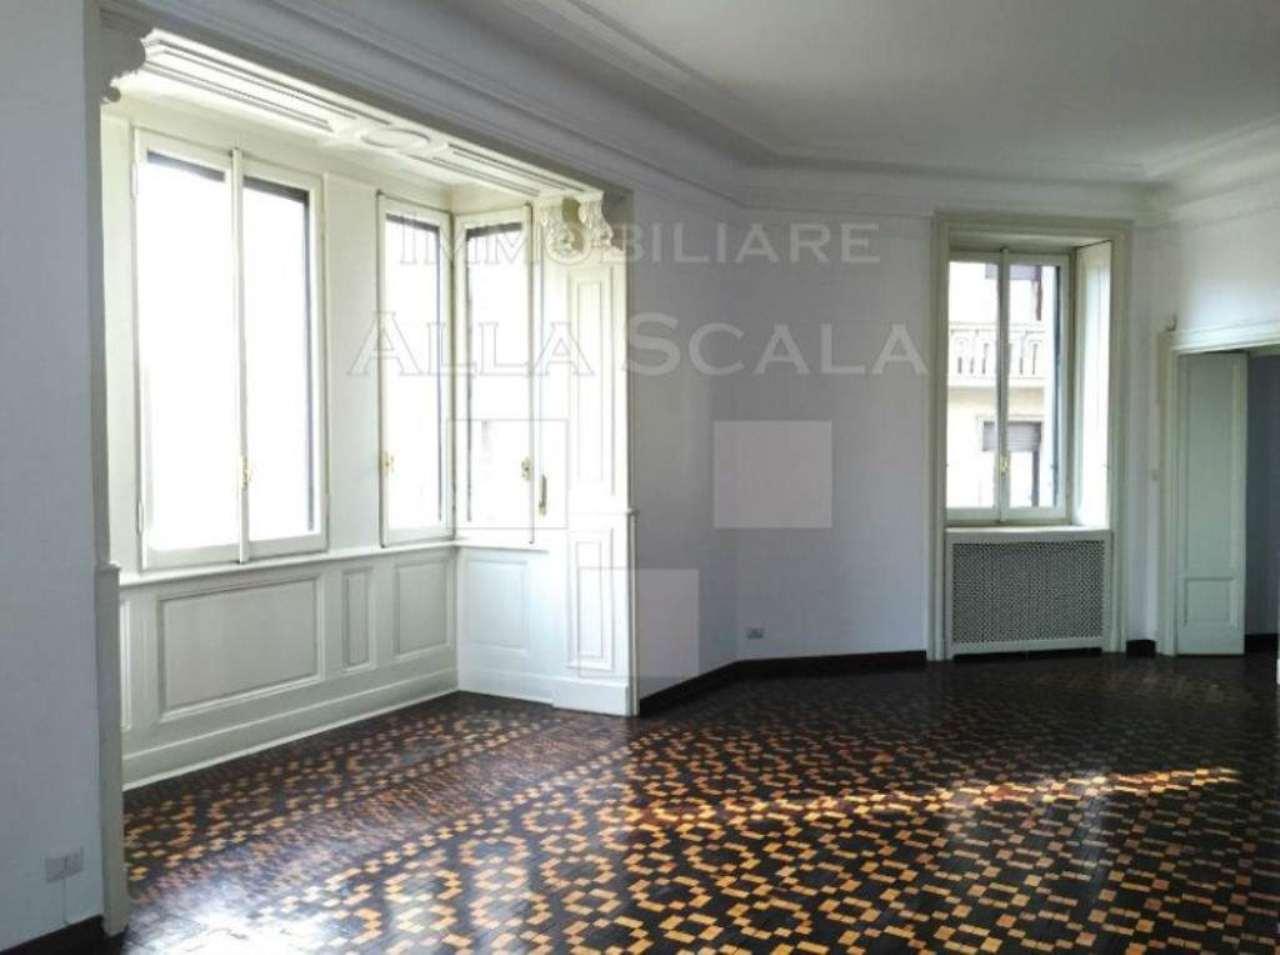 Appartamento in affitto a Milano, 5 locali, zona Zona: 1 . Centro Storico, Duomo, Brera, Cadorna, Cattolica, prezzo € 5.000 | CambioCasa.it